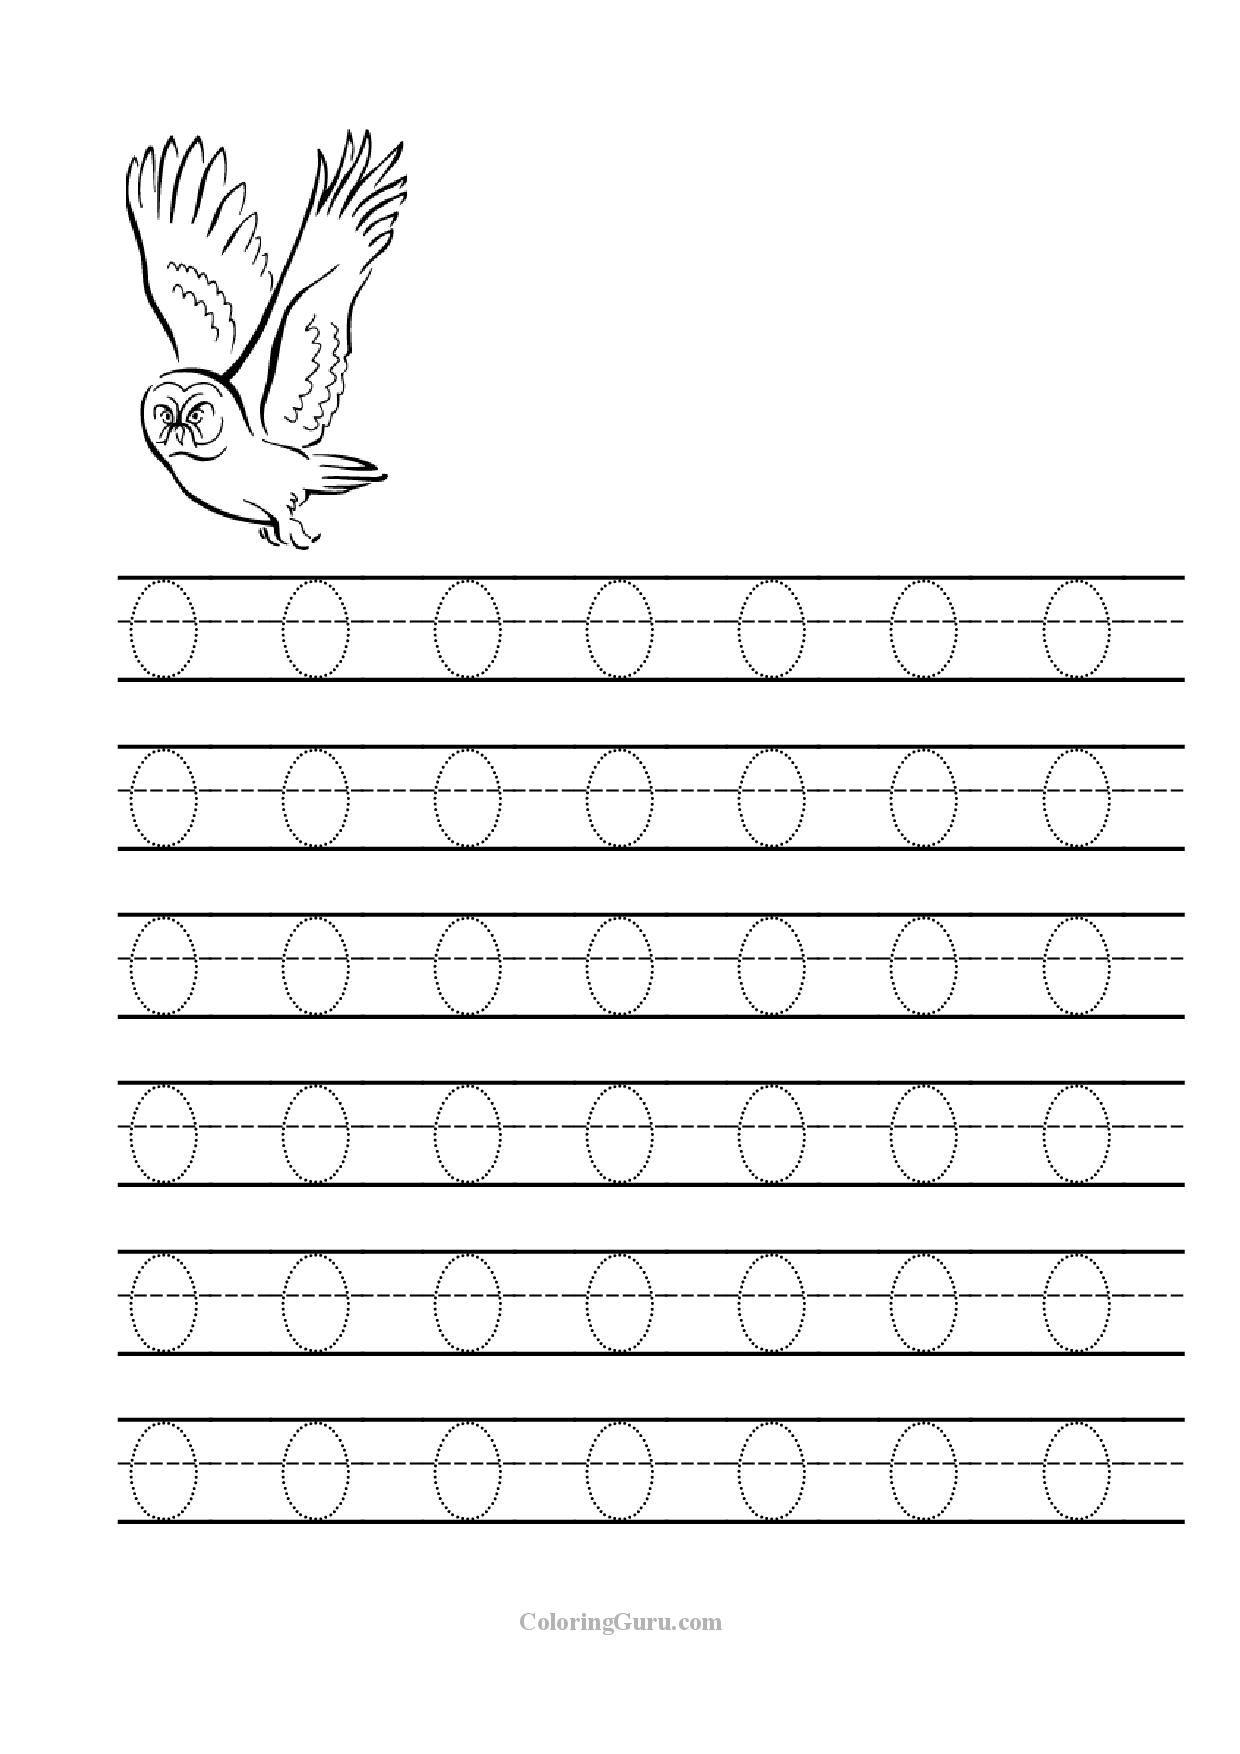 Pinjackie Faye Odell On Outside | Letter O Worksheets with Trace Letter O Worksheets Preschool